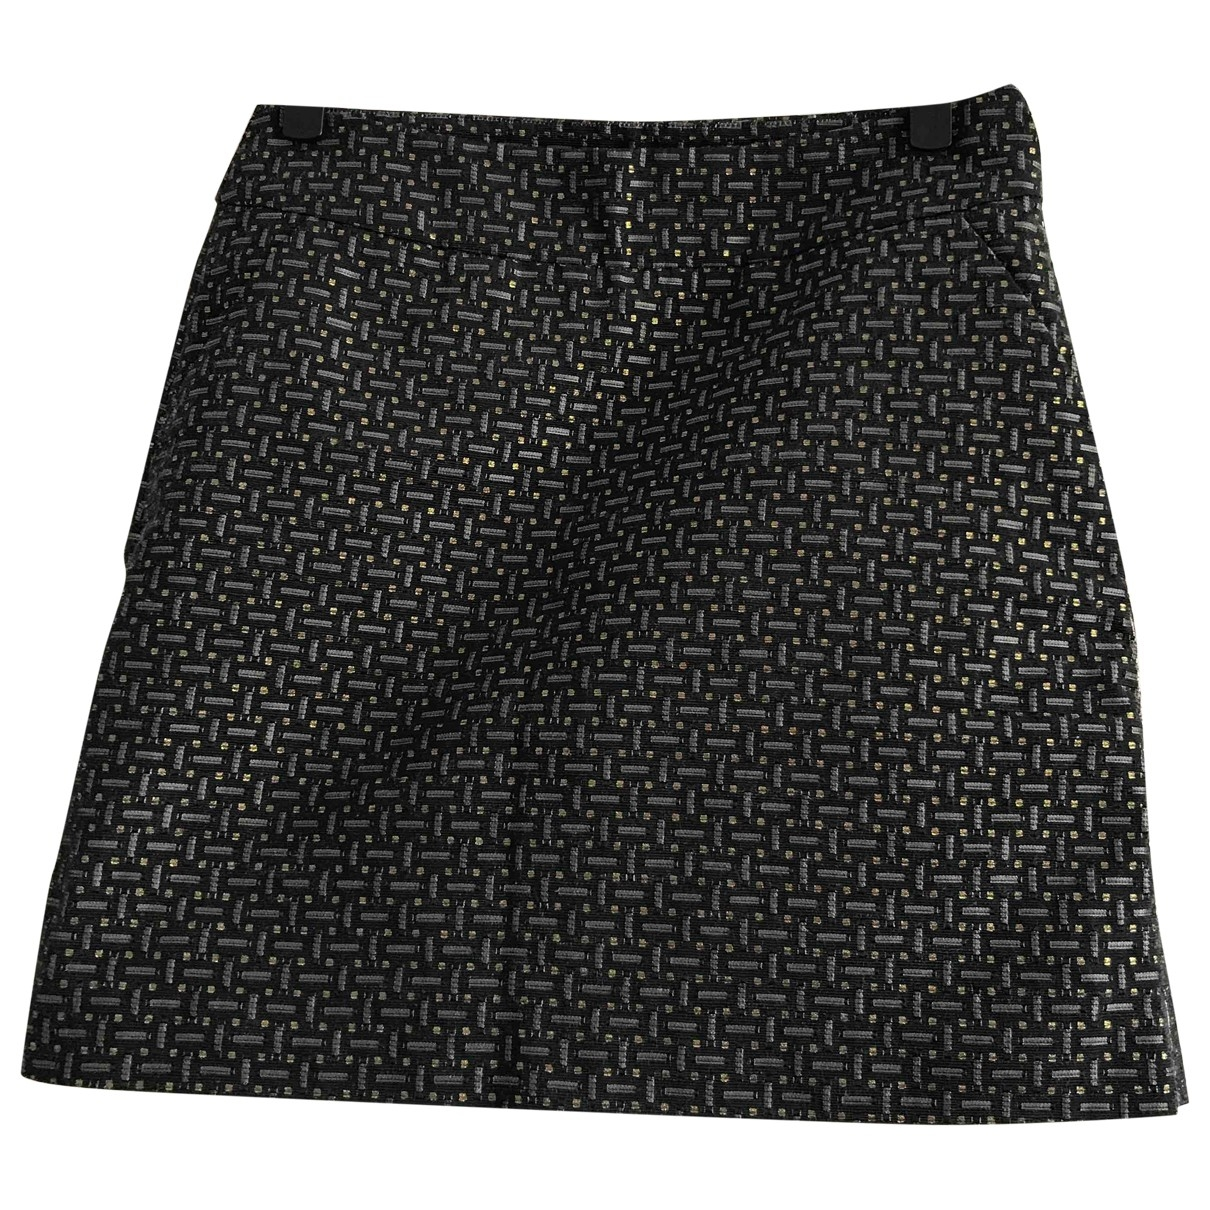 Trussardi \N Black Cotton - elasthane skirt for Women 42 IT